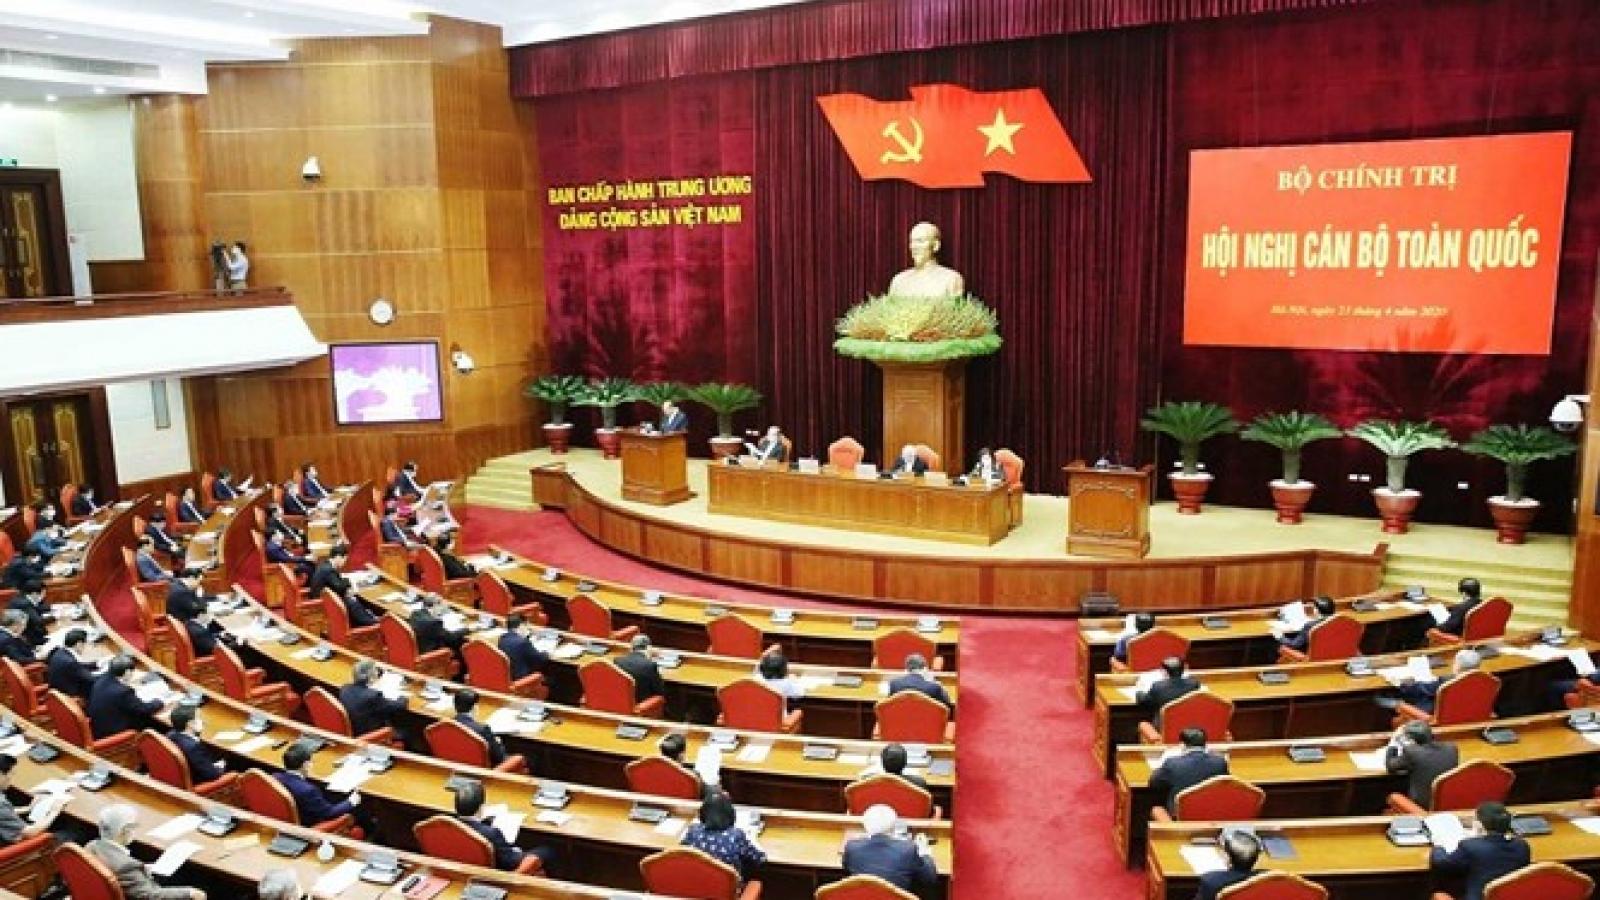 Kết luận của Bộ Chính trị về chủ trương khuyến khích và bảo vệ cán bộ dám nghĩ, dám làm